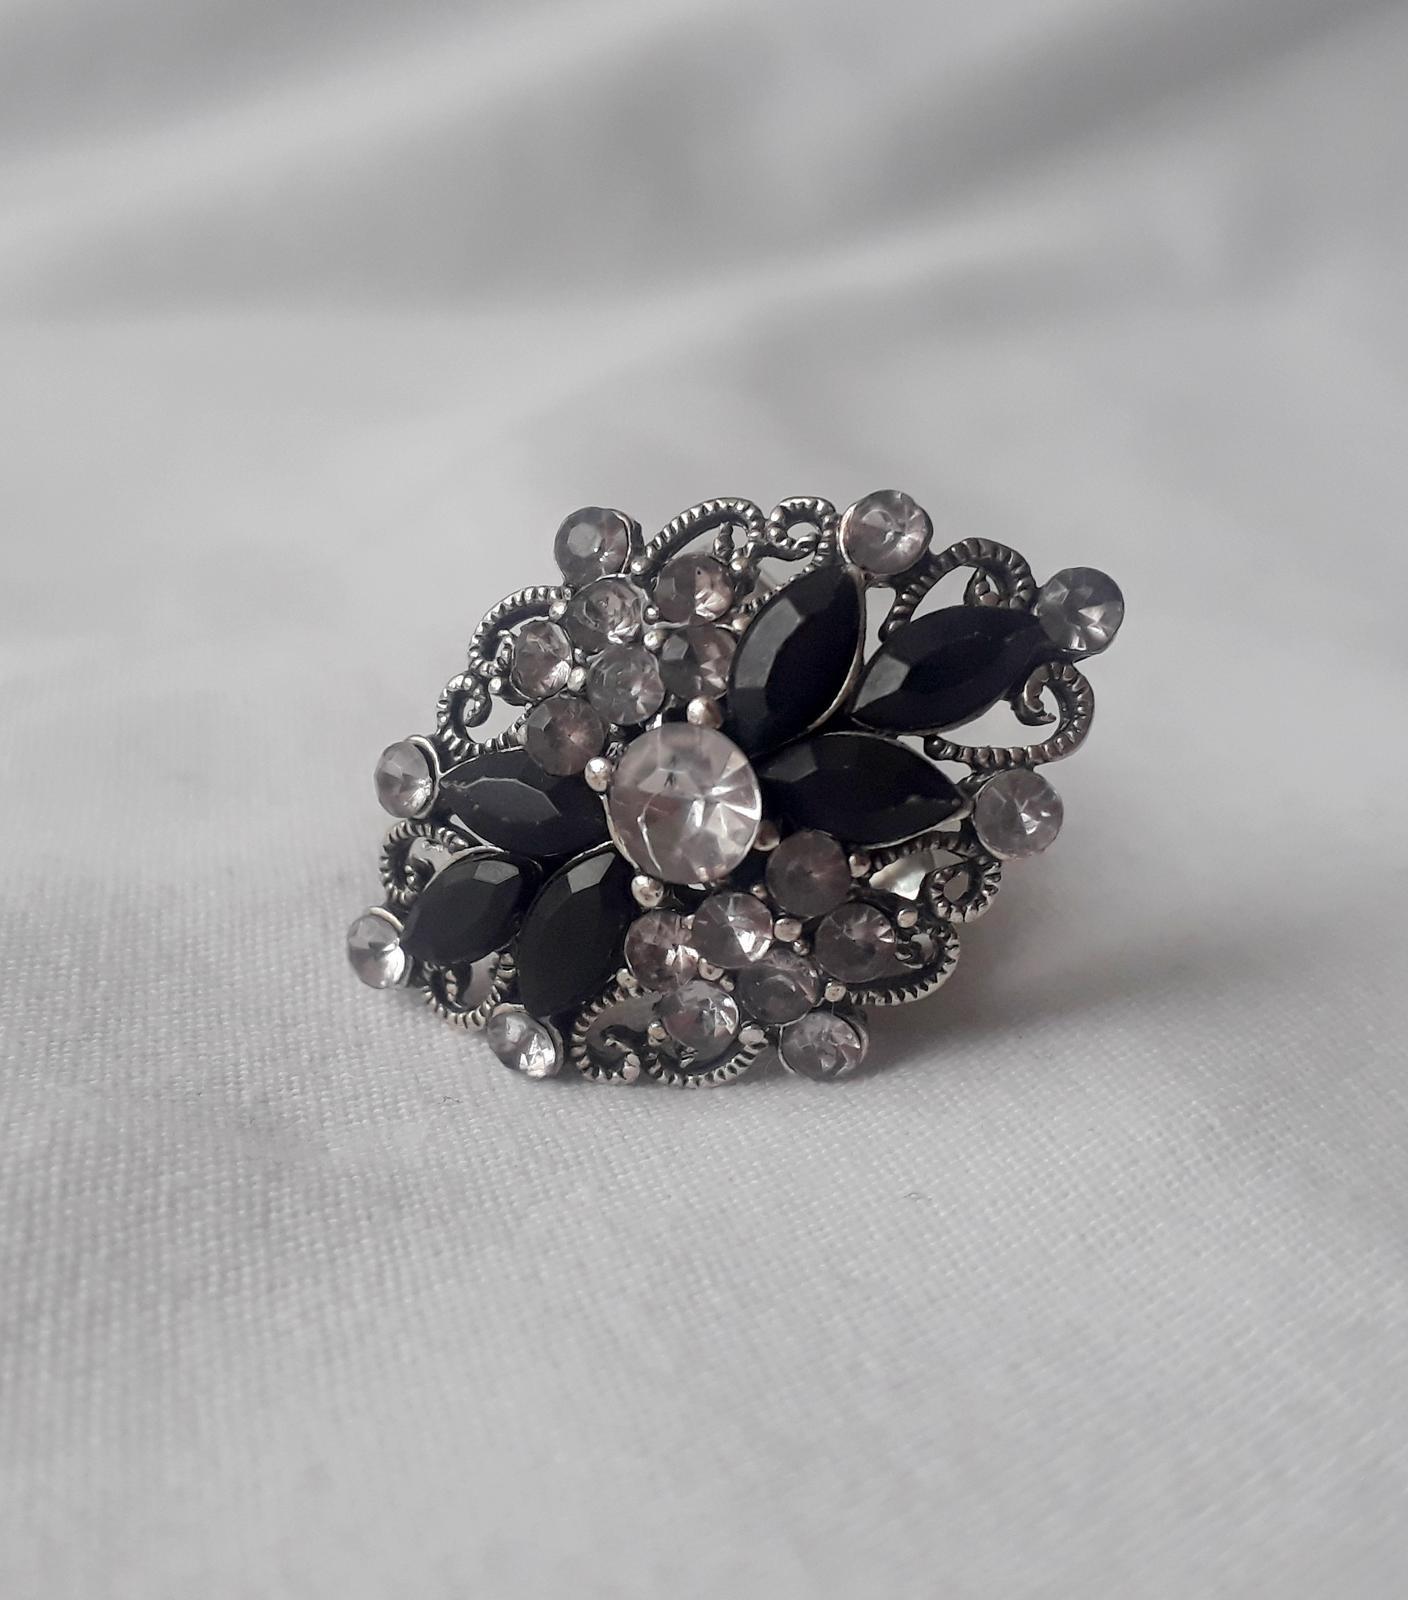 Vintage prstýnek - Obrázek č. 1